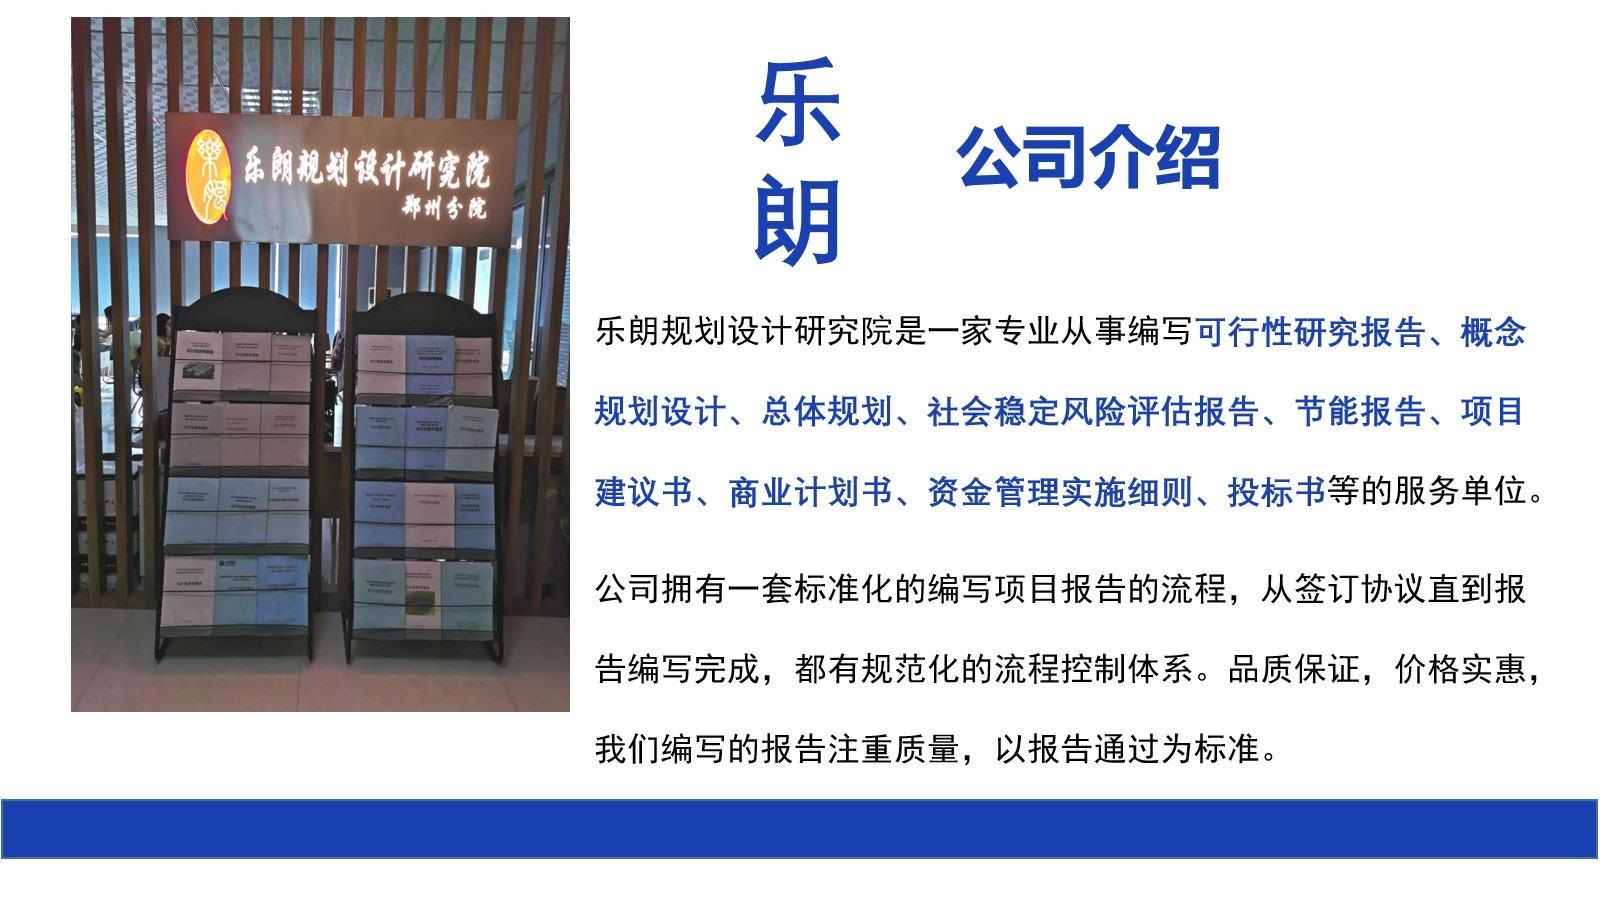 广元写可行性研究报告的公司参考案例